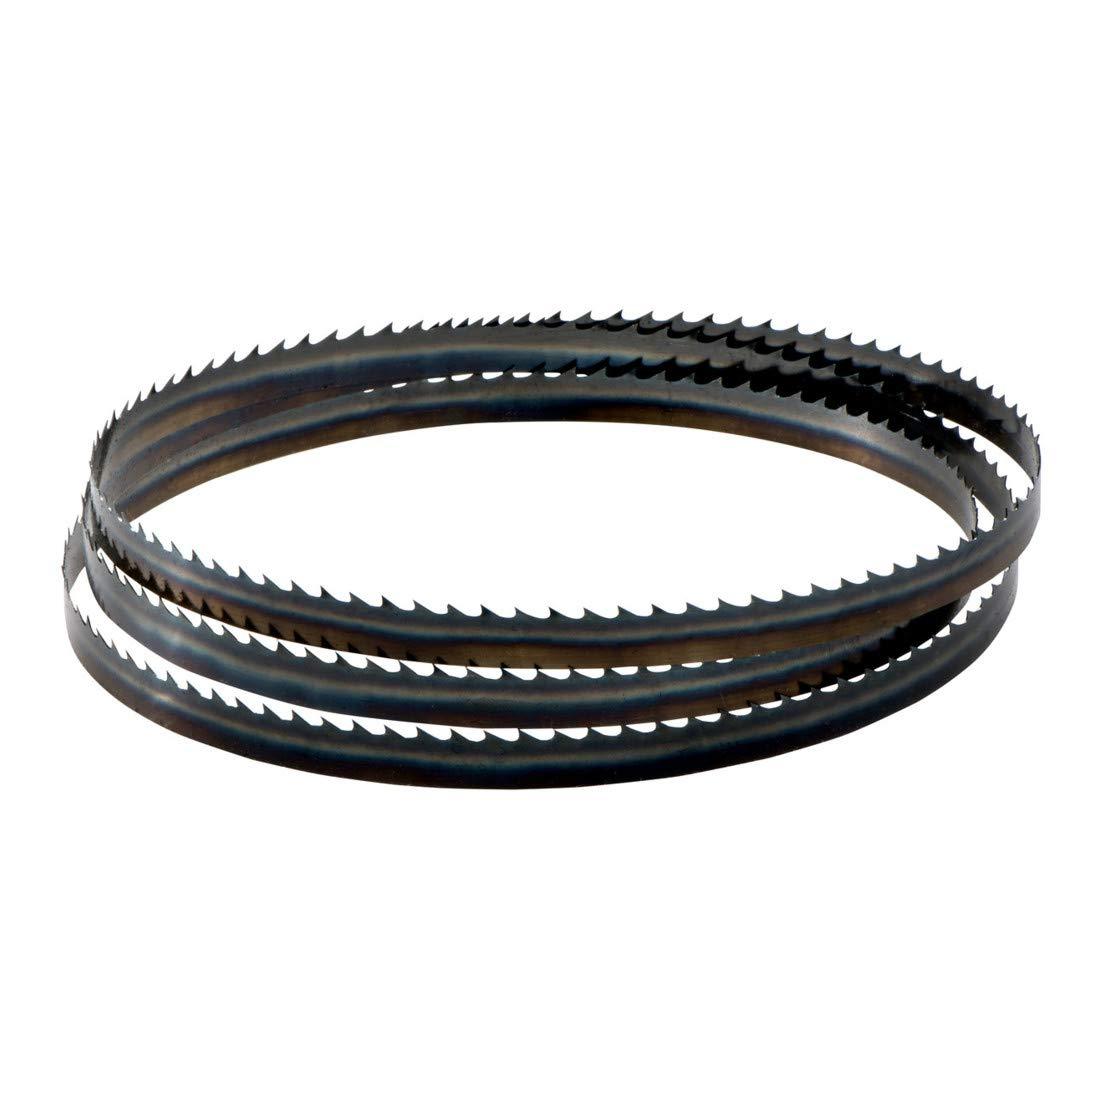 Metabo Bandsägeblatt 2230 x 3,5 x 0,5 mm